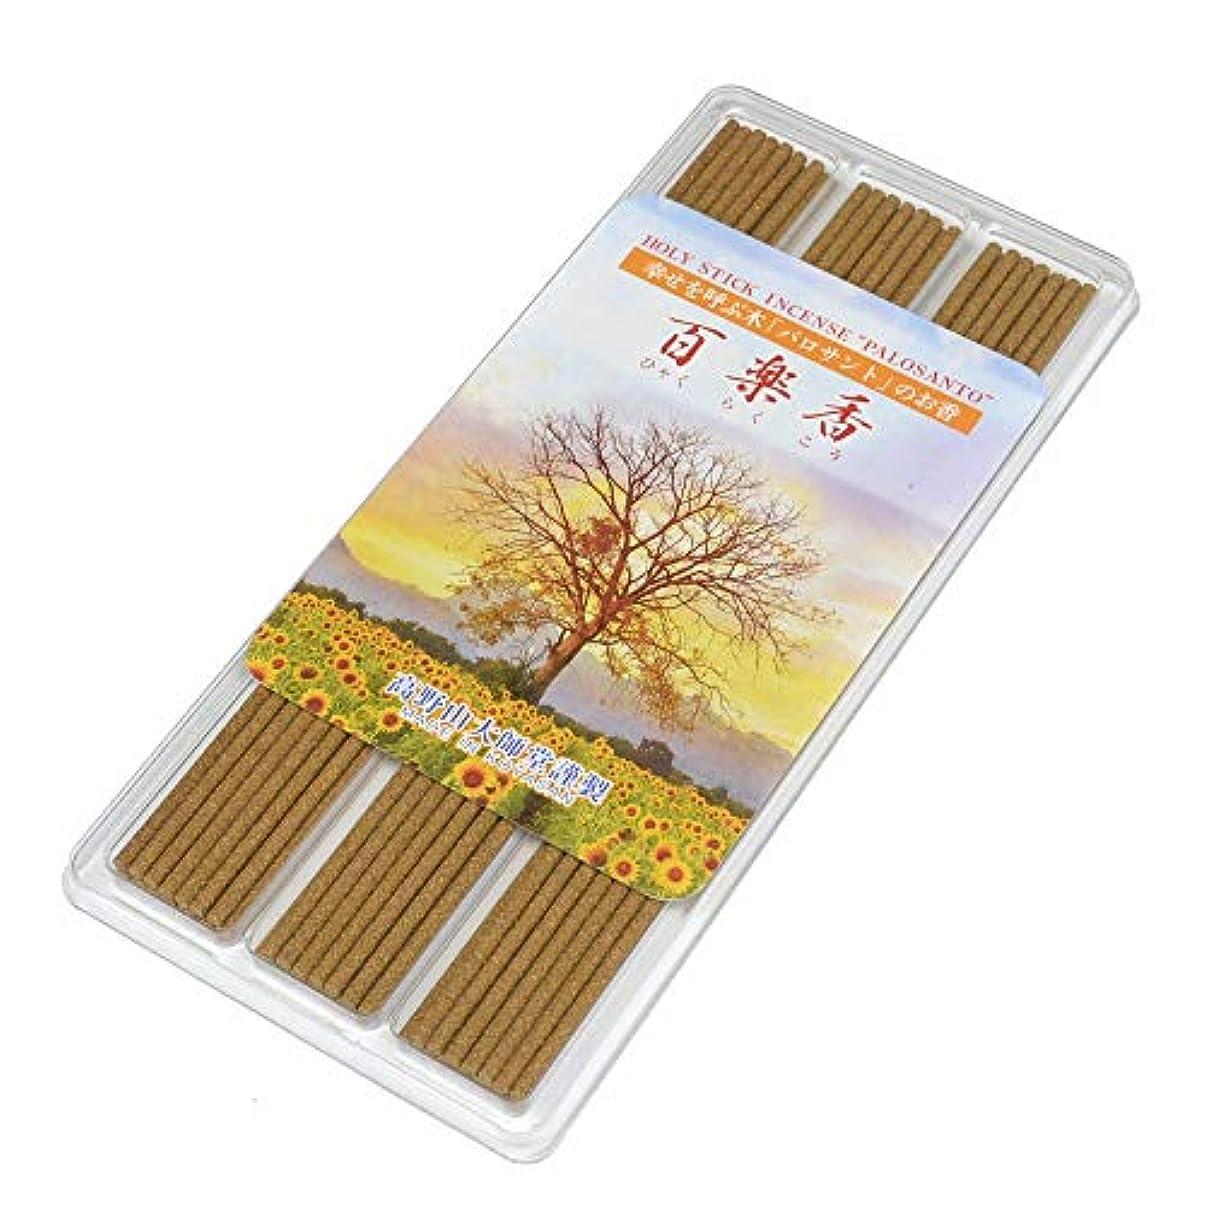 他の場所きょうだい翻訳幸運の木「パロサント」のお香【徳用】Palo Santo Incense